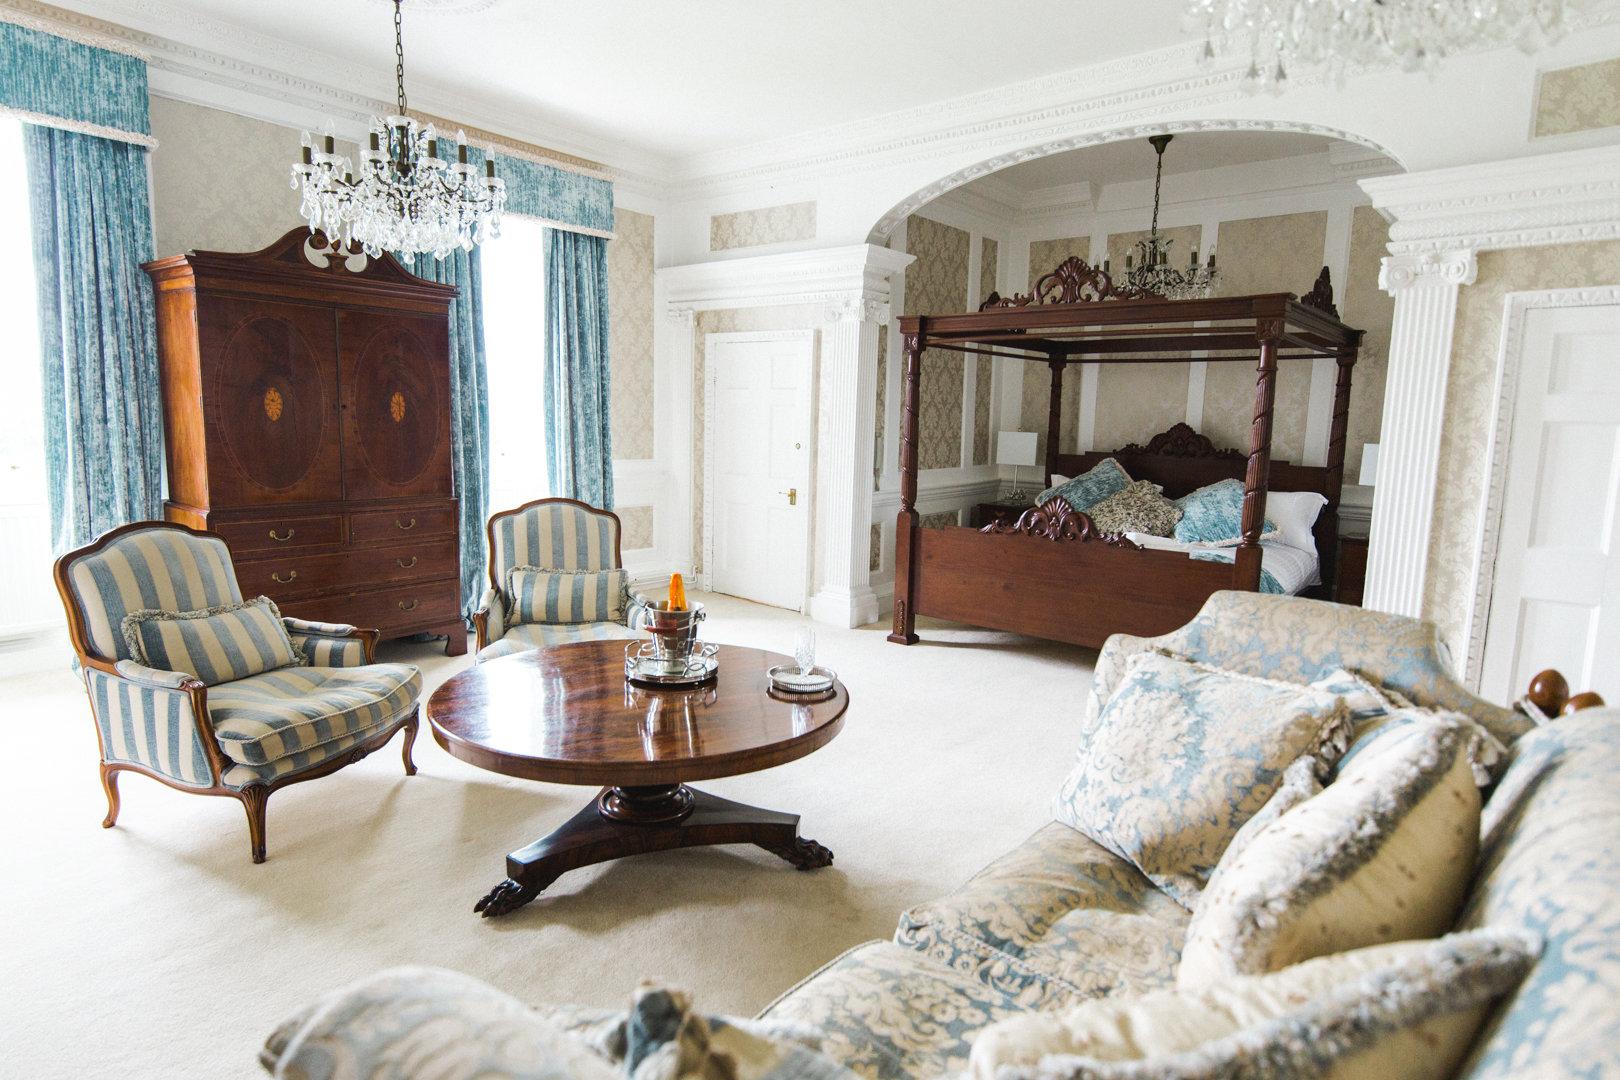 boreham house events accommodation